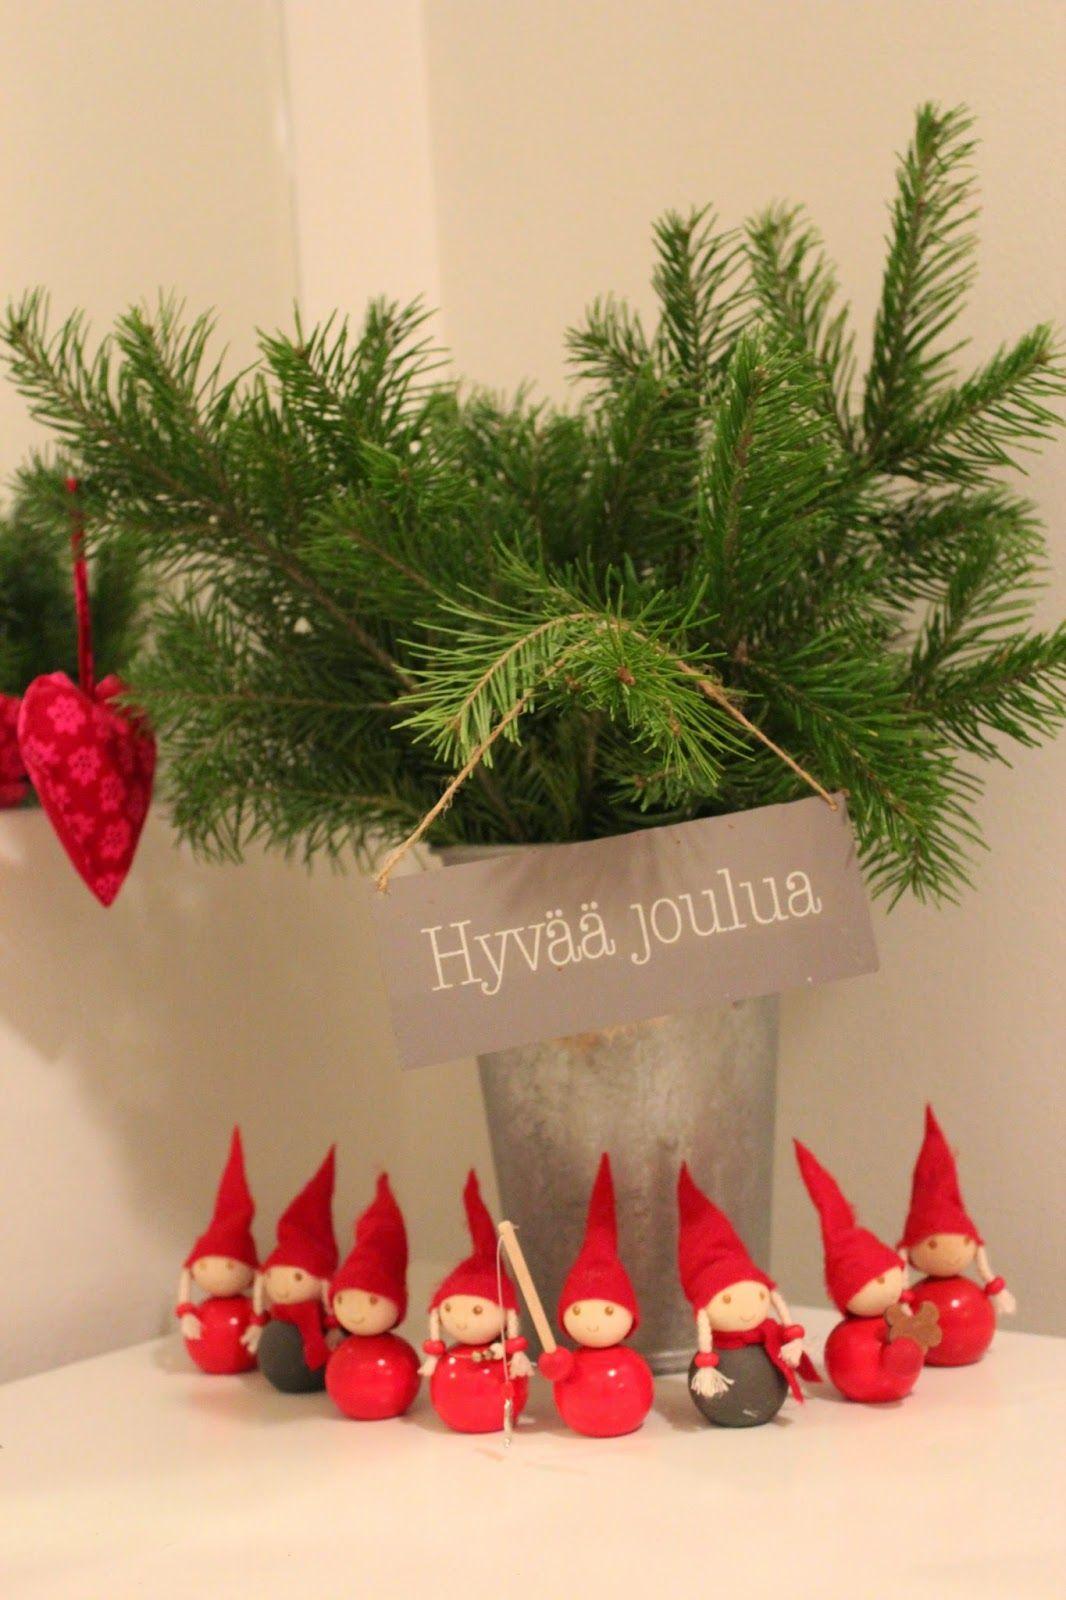 Hyvää joulua! Joulu, Hyvää joulua, Luonnonkosmetiikka